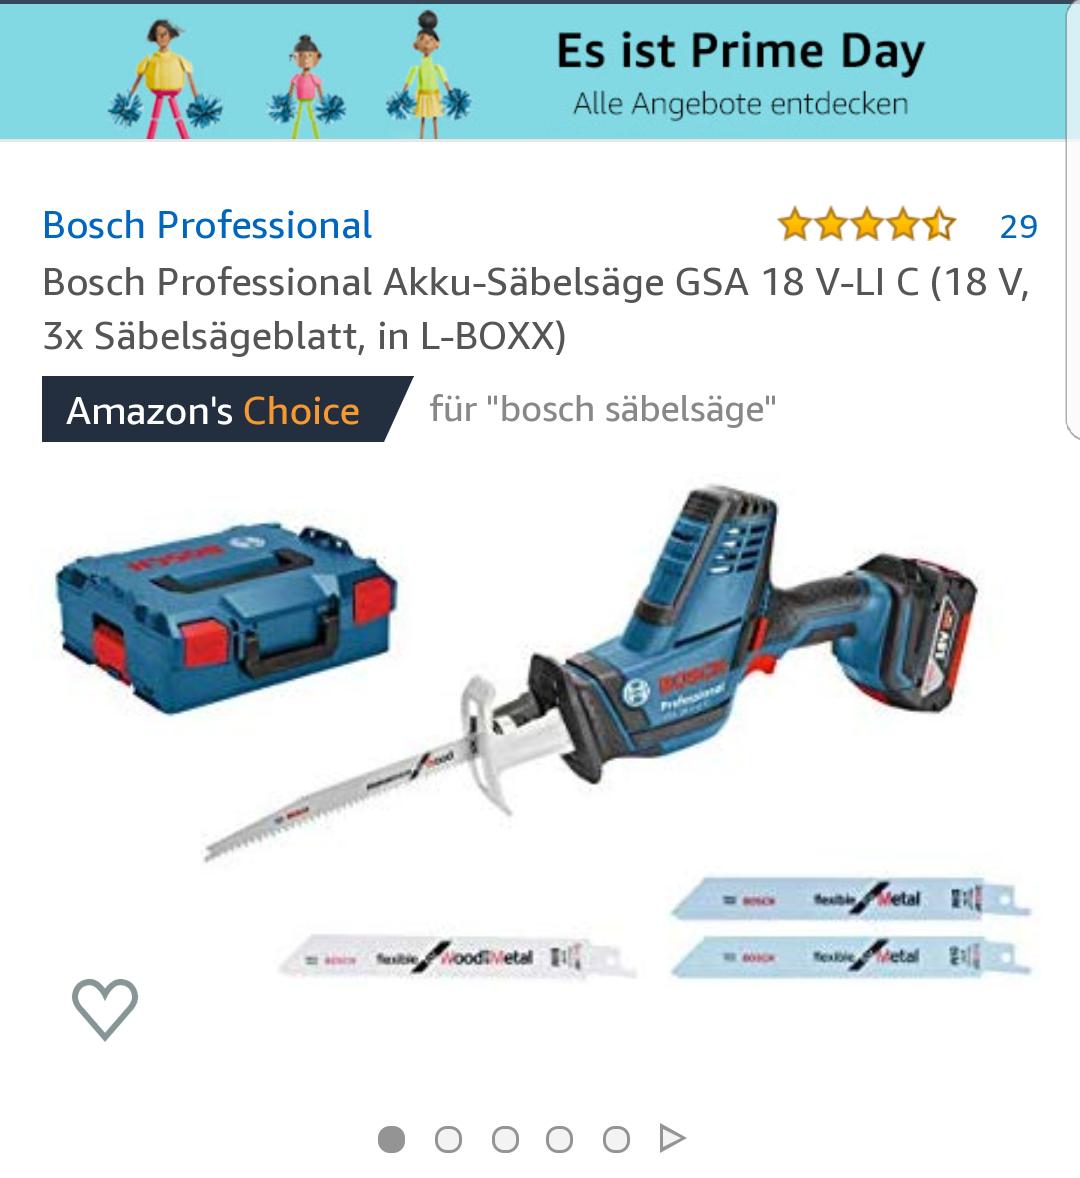 [Prime] Bosch Professional Akku-Säbelsäge GSA 18 V-LI C (18 V, 3x Säbelsägeblatt, in L-BOXX)